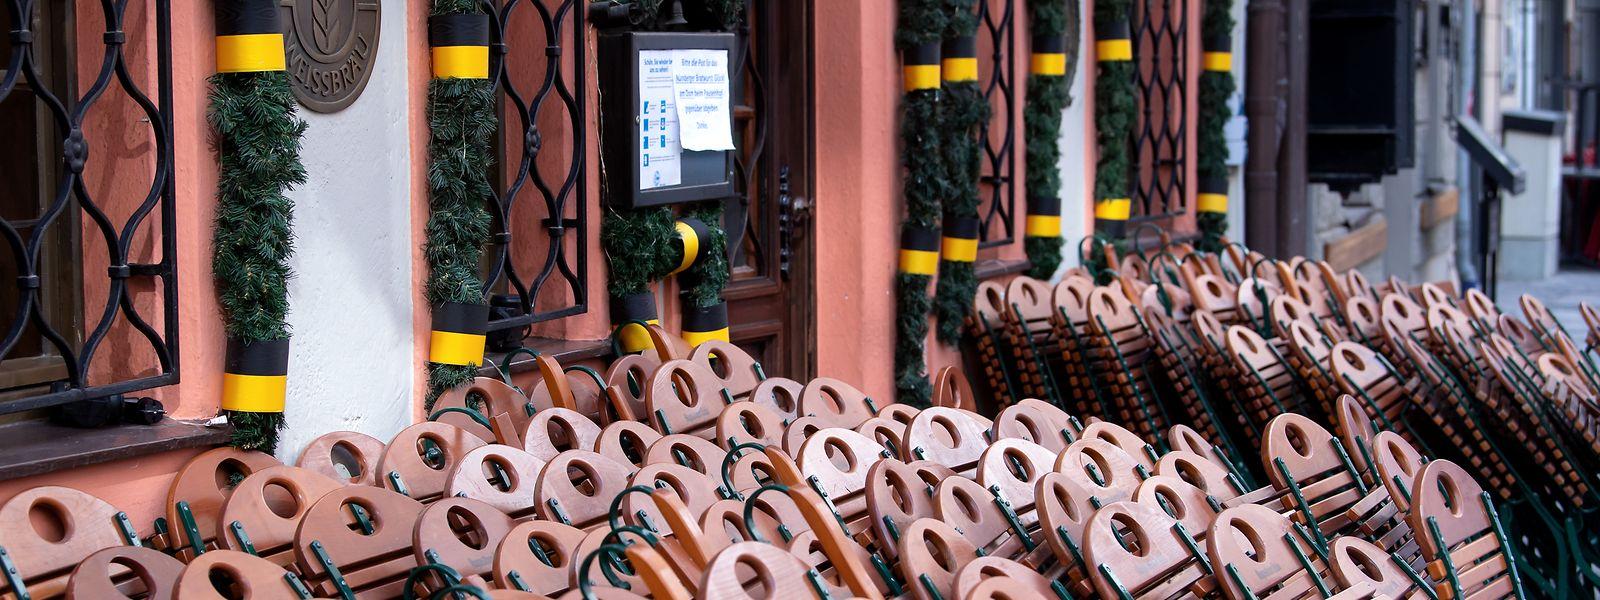 Die Gastronomen in Deutschland warten auf eine klare Öffnungsperspektive.